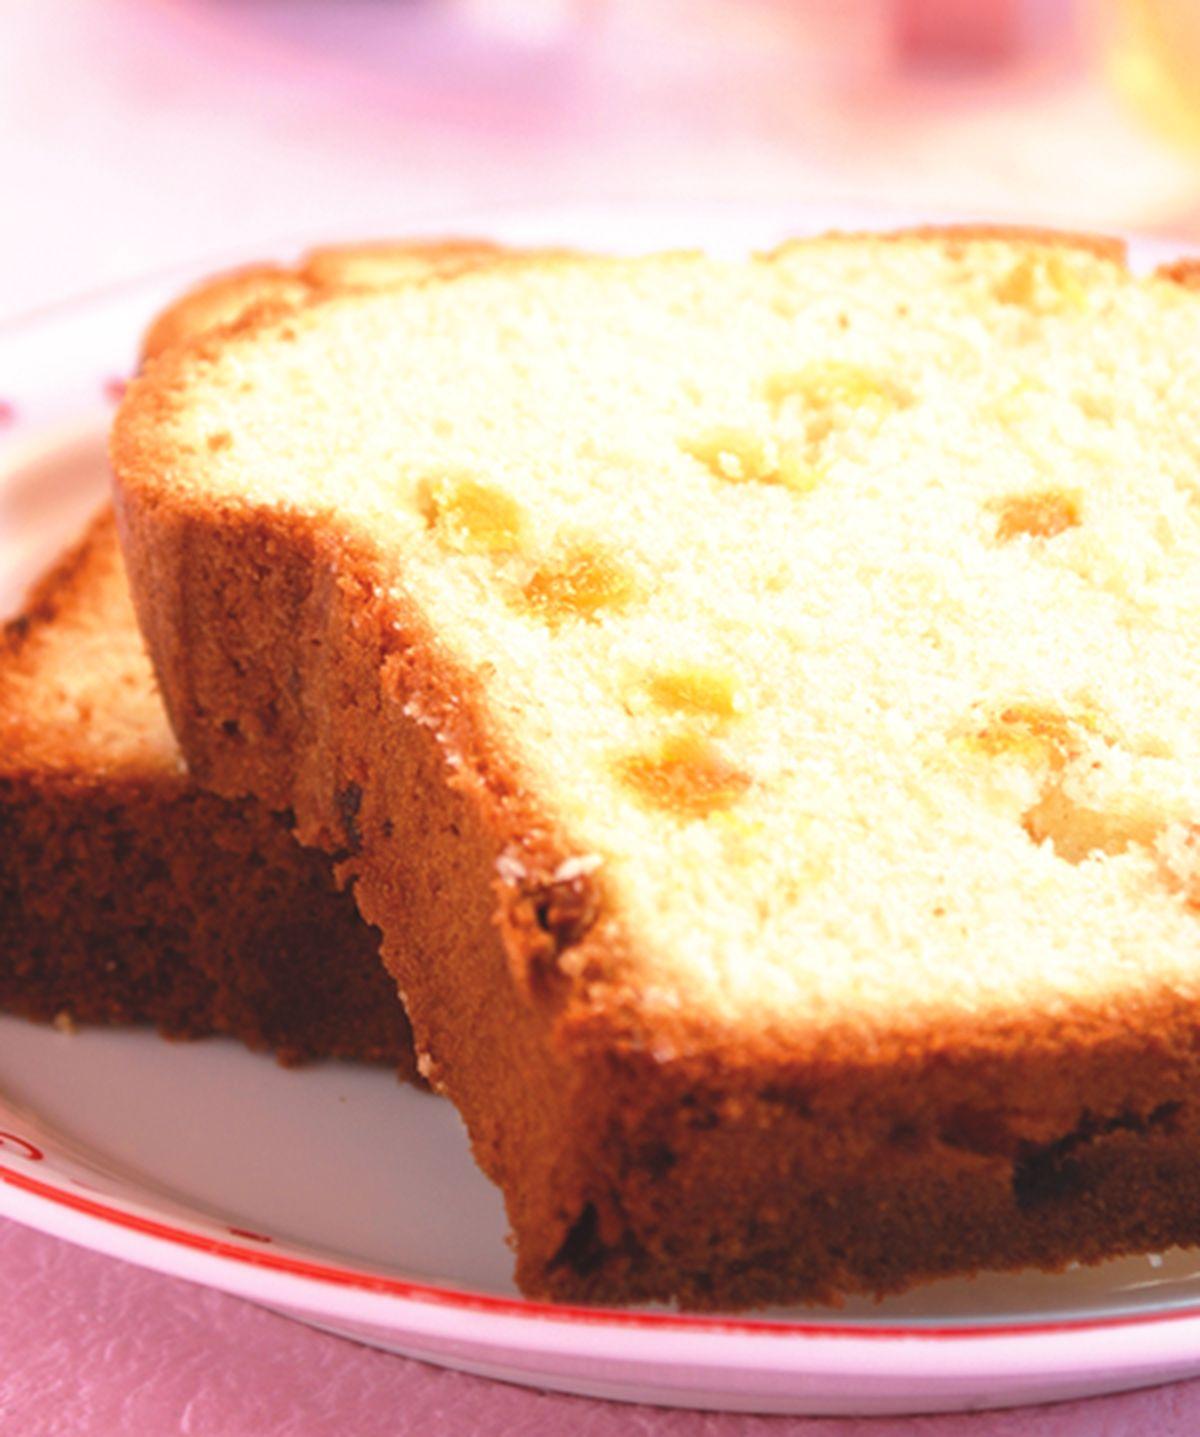 食譜:杏桃蛋糕